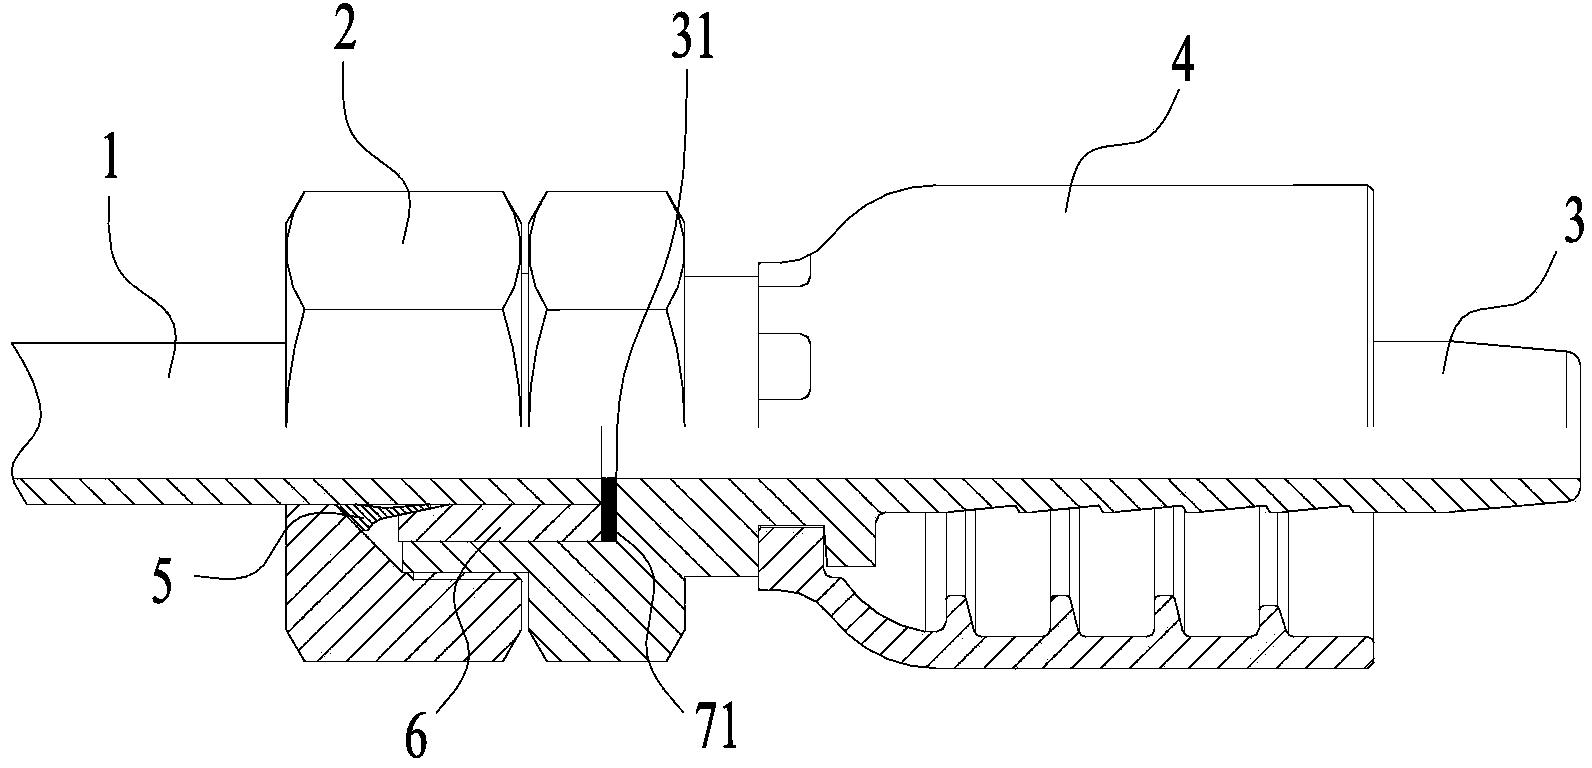 管路连接结构、液压管路